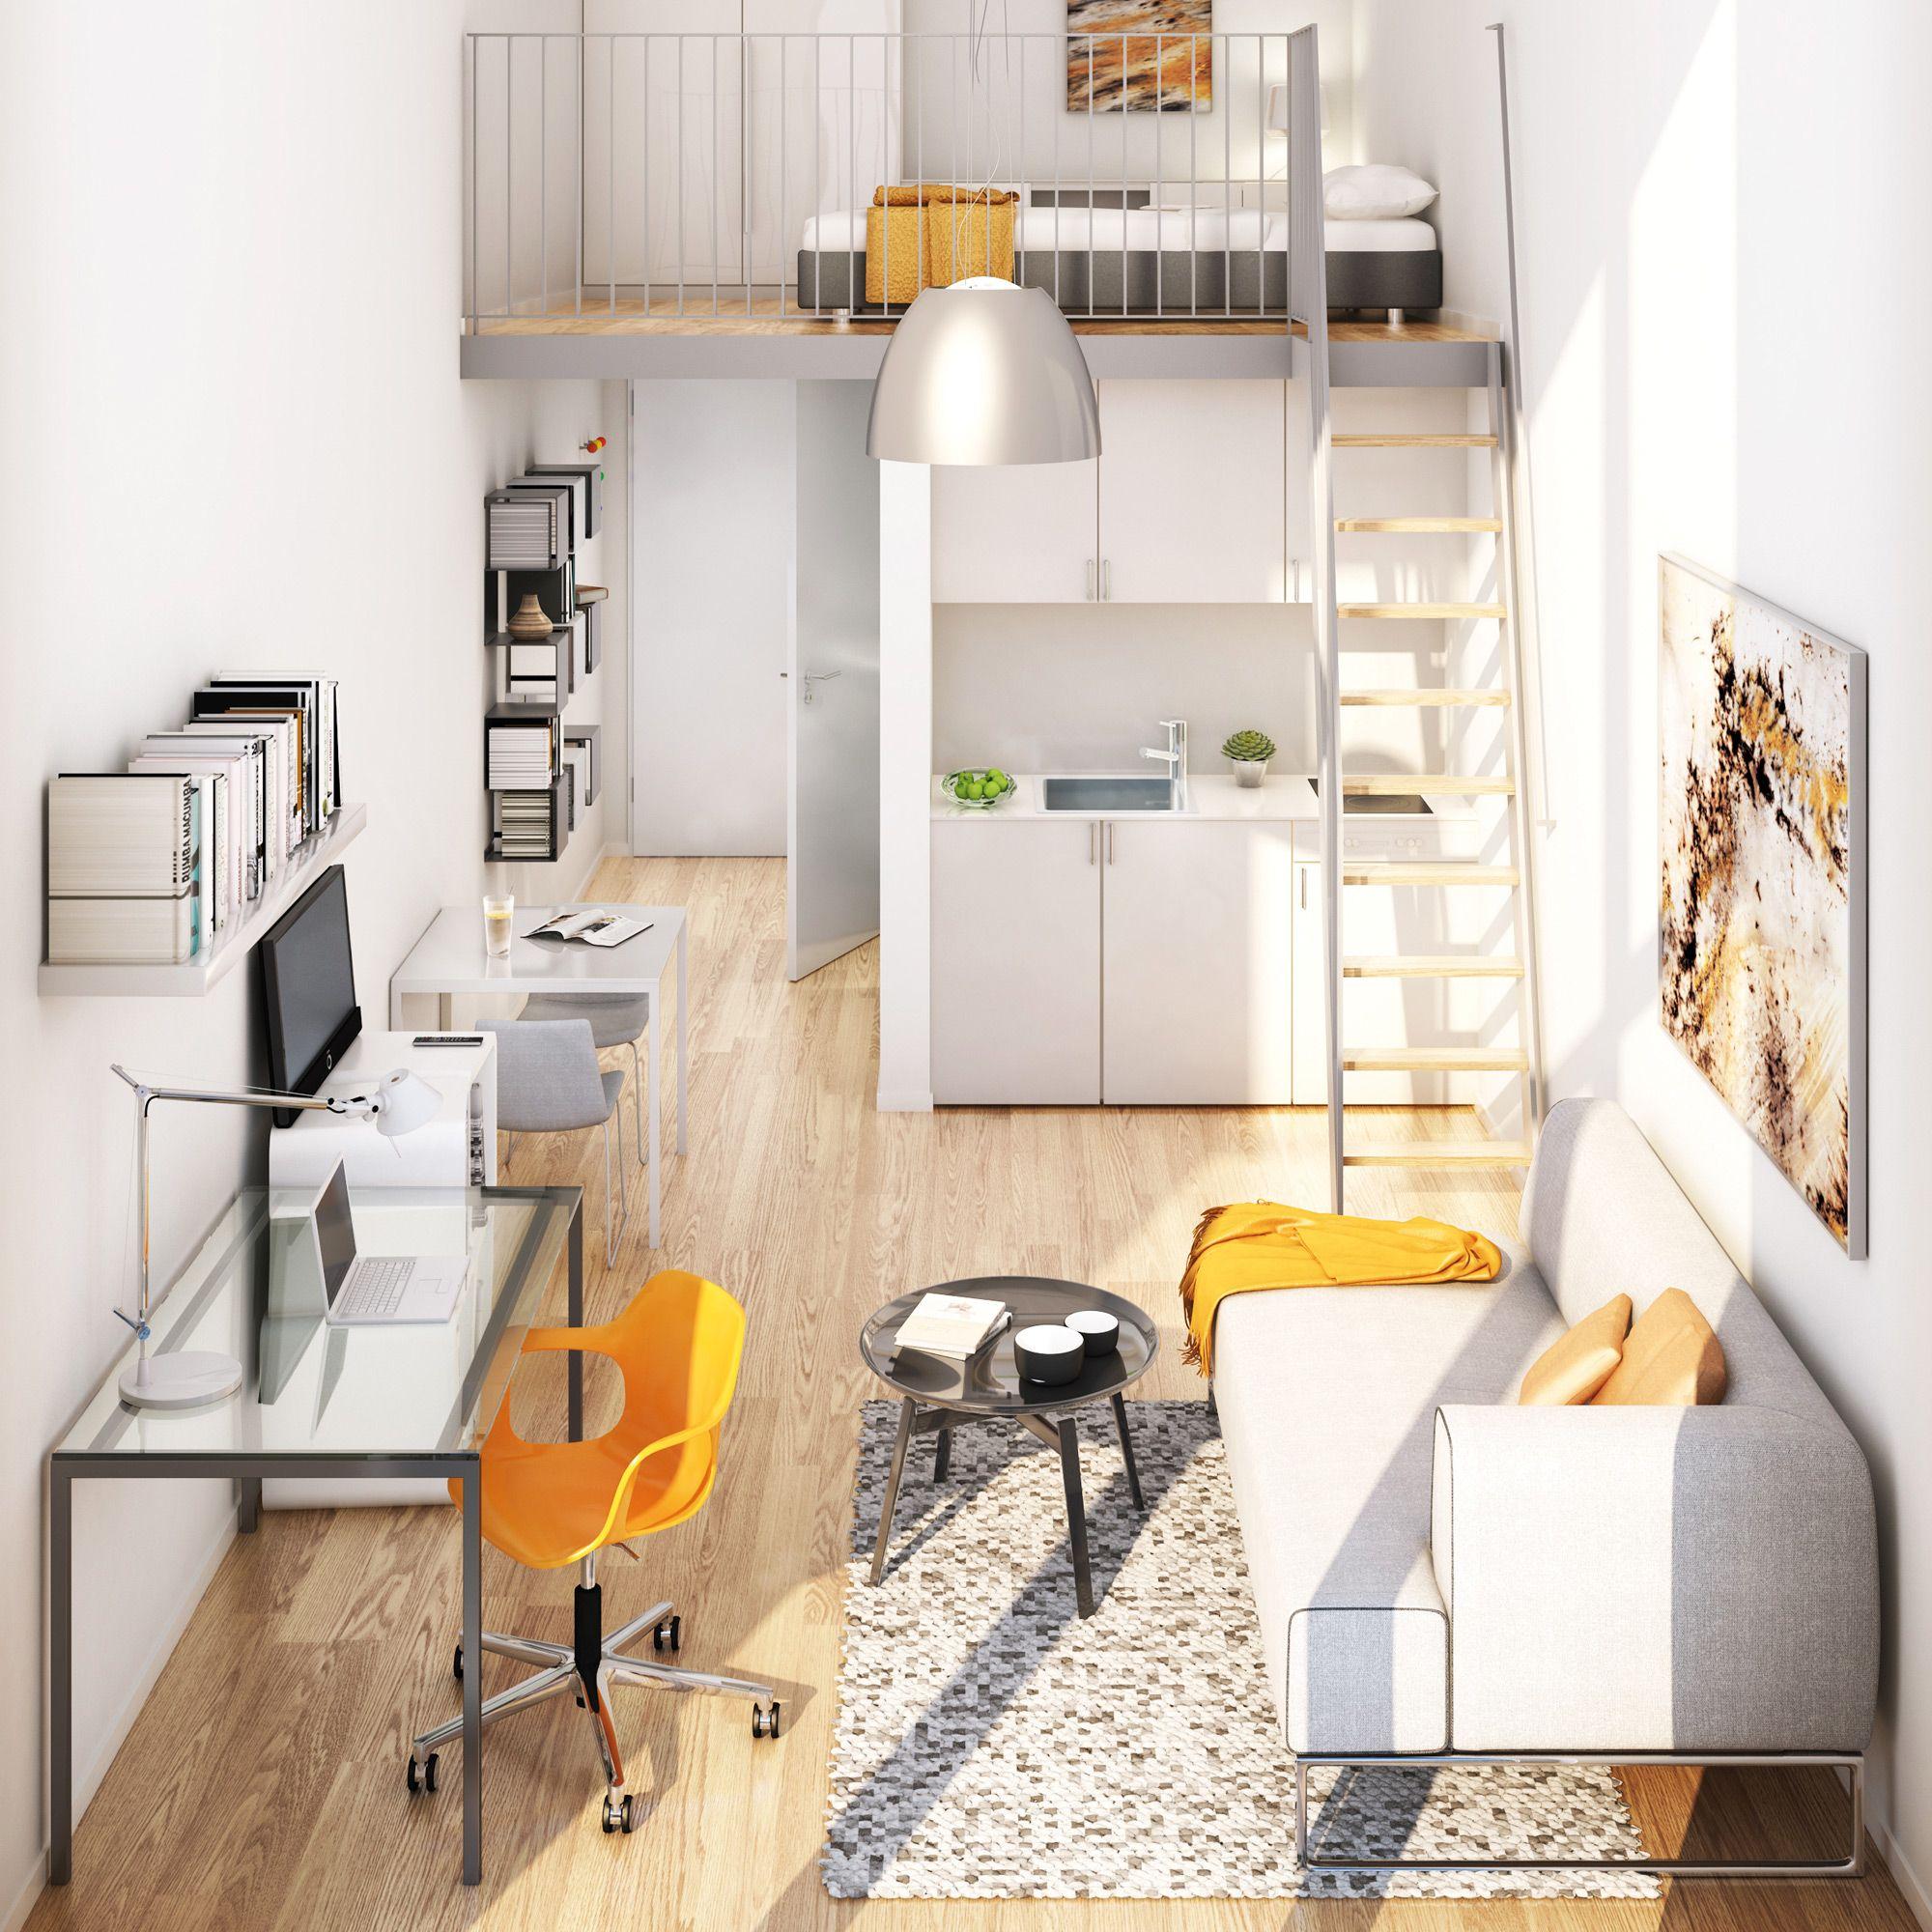 Visualisierung Apartmentbeispiel mit Galerie studiosus 5